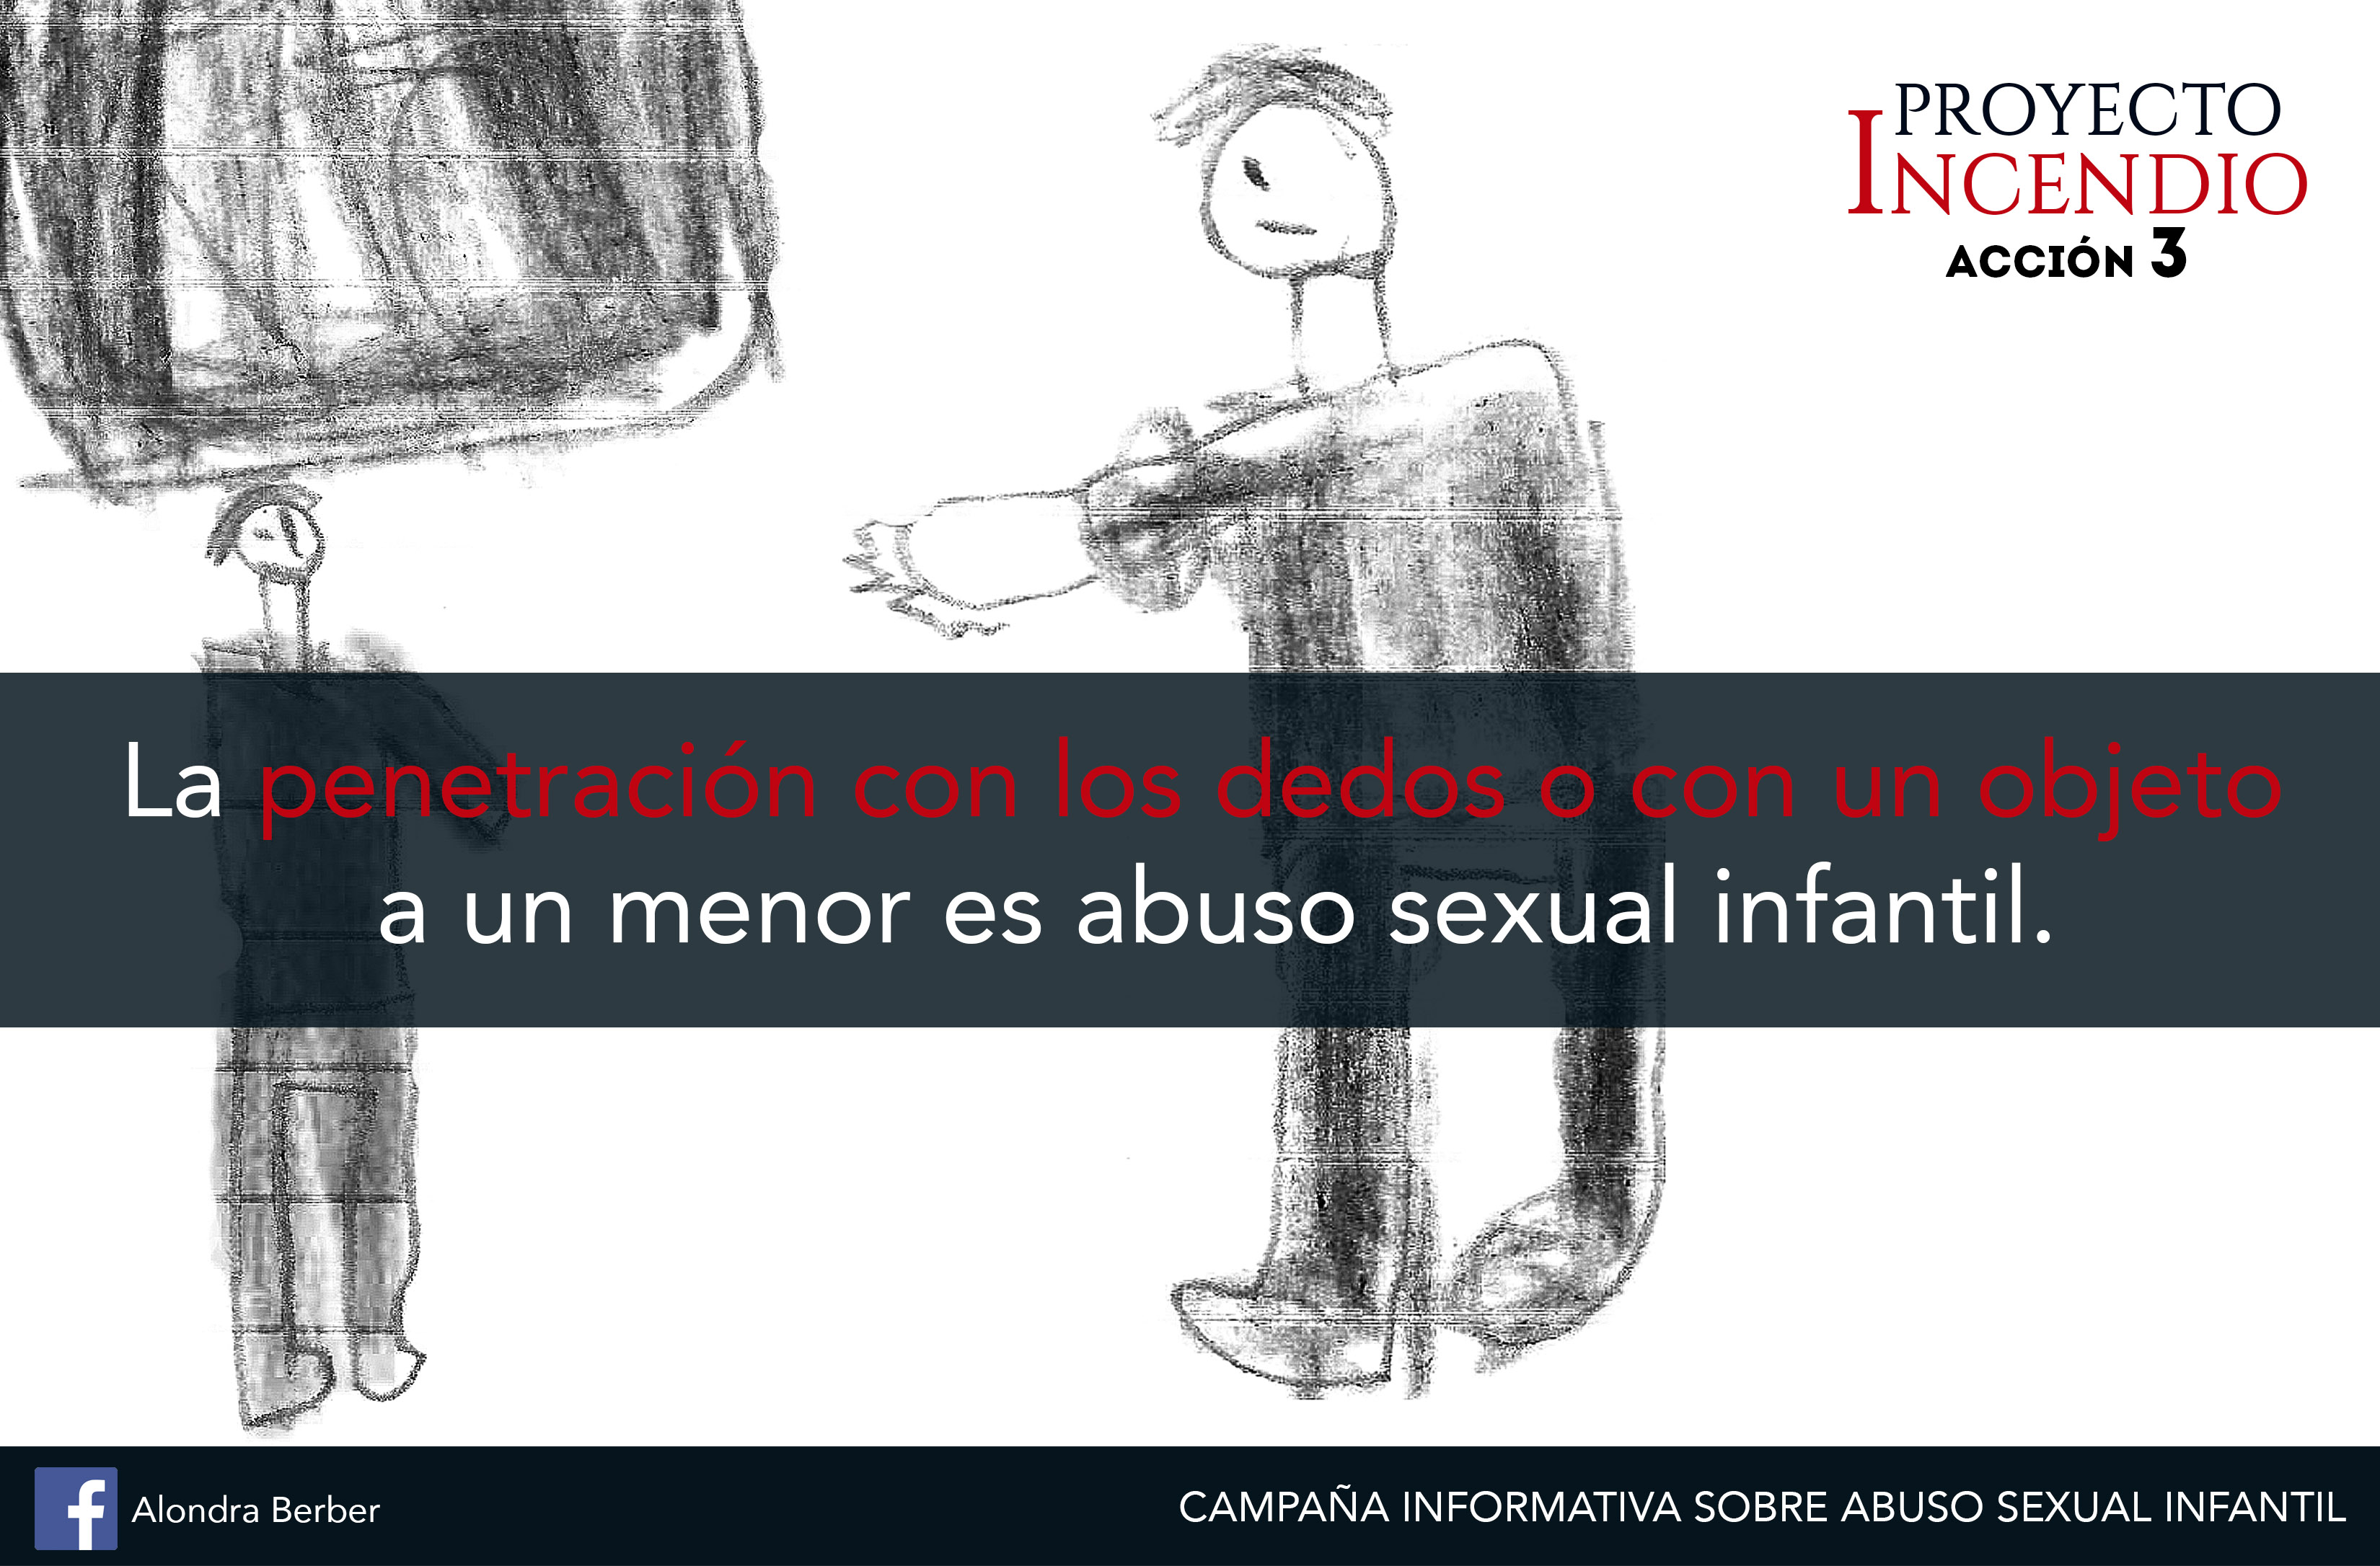 campaña_informativa_penetración_dedos